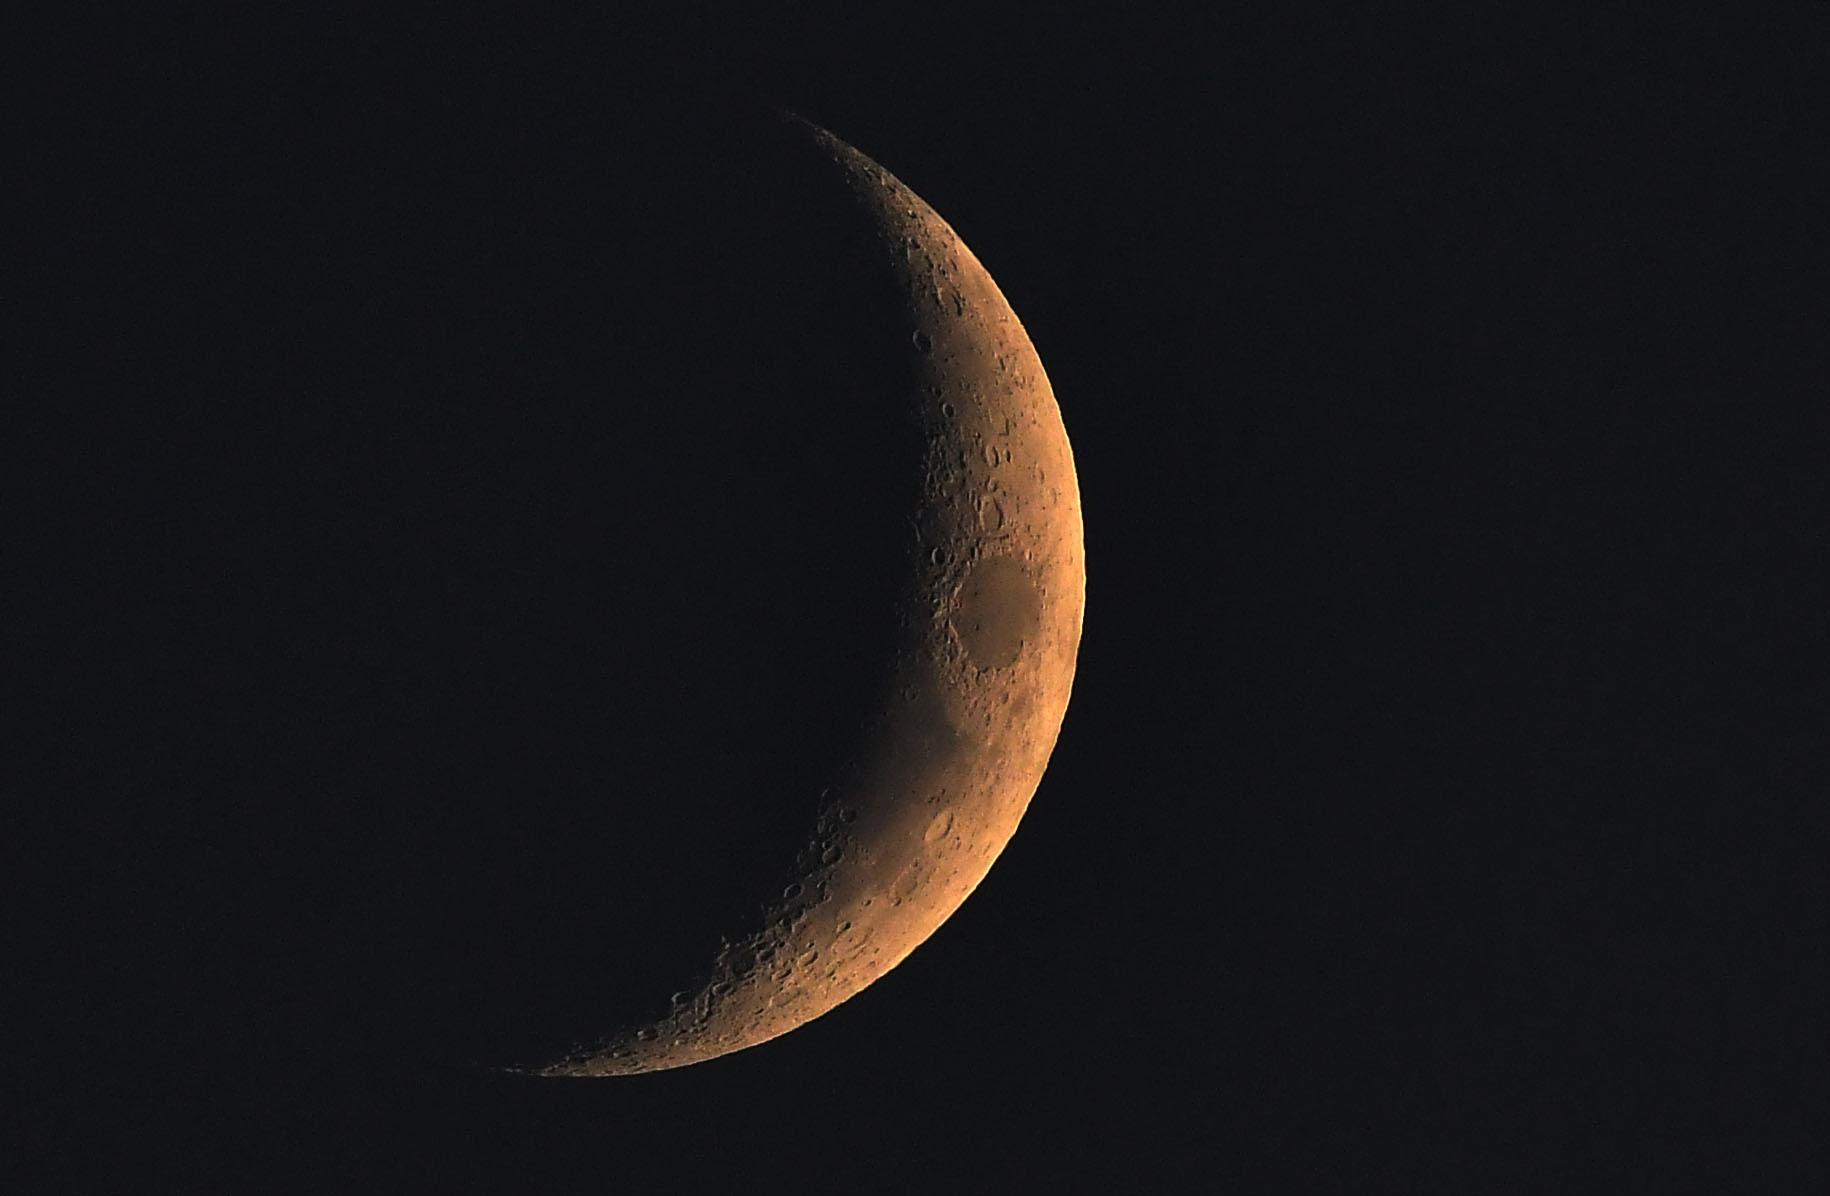 Een wassende maan weer zichtbaar aan een heldere avondhemel - Foto: ©Louis Fraanje